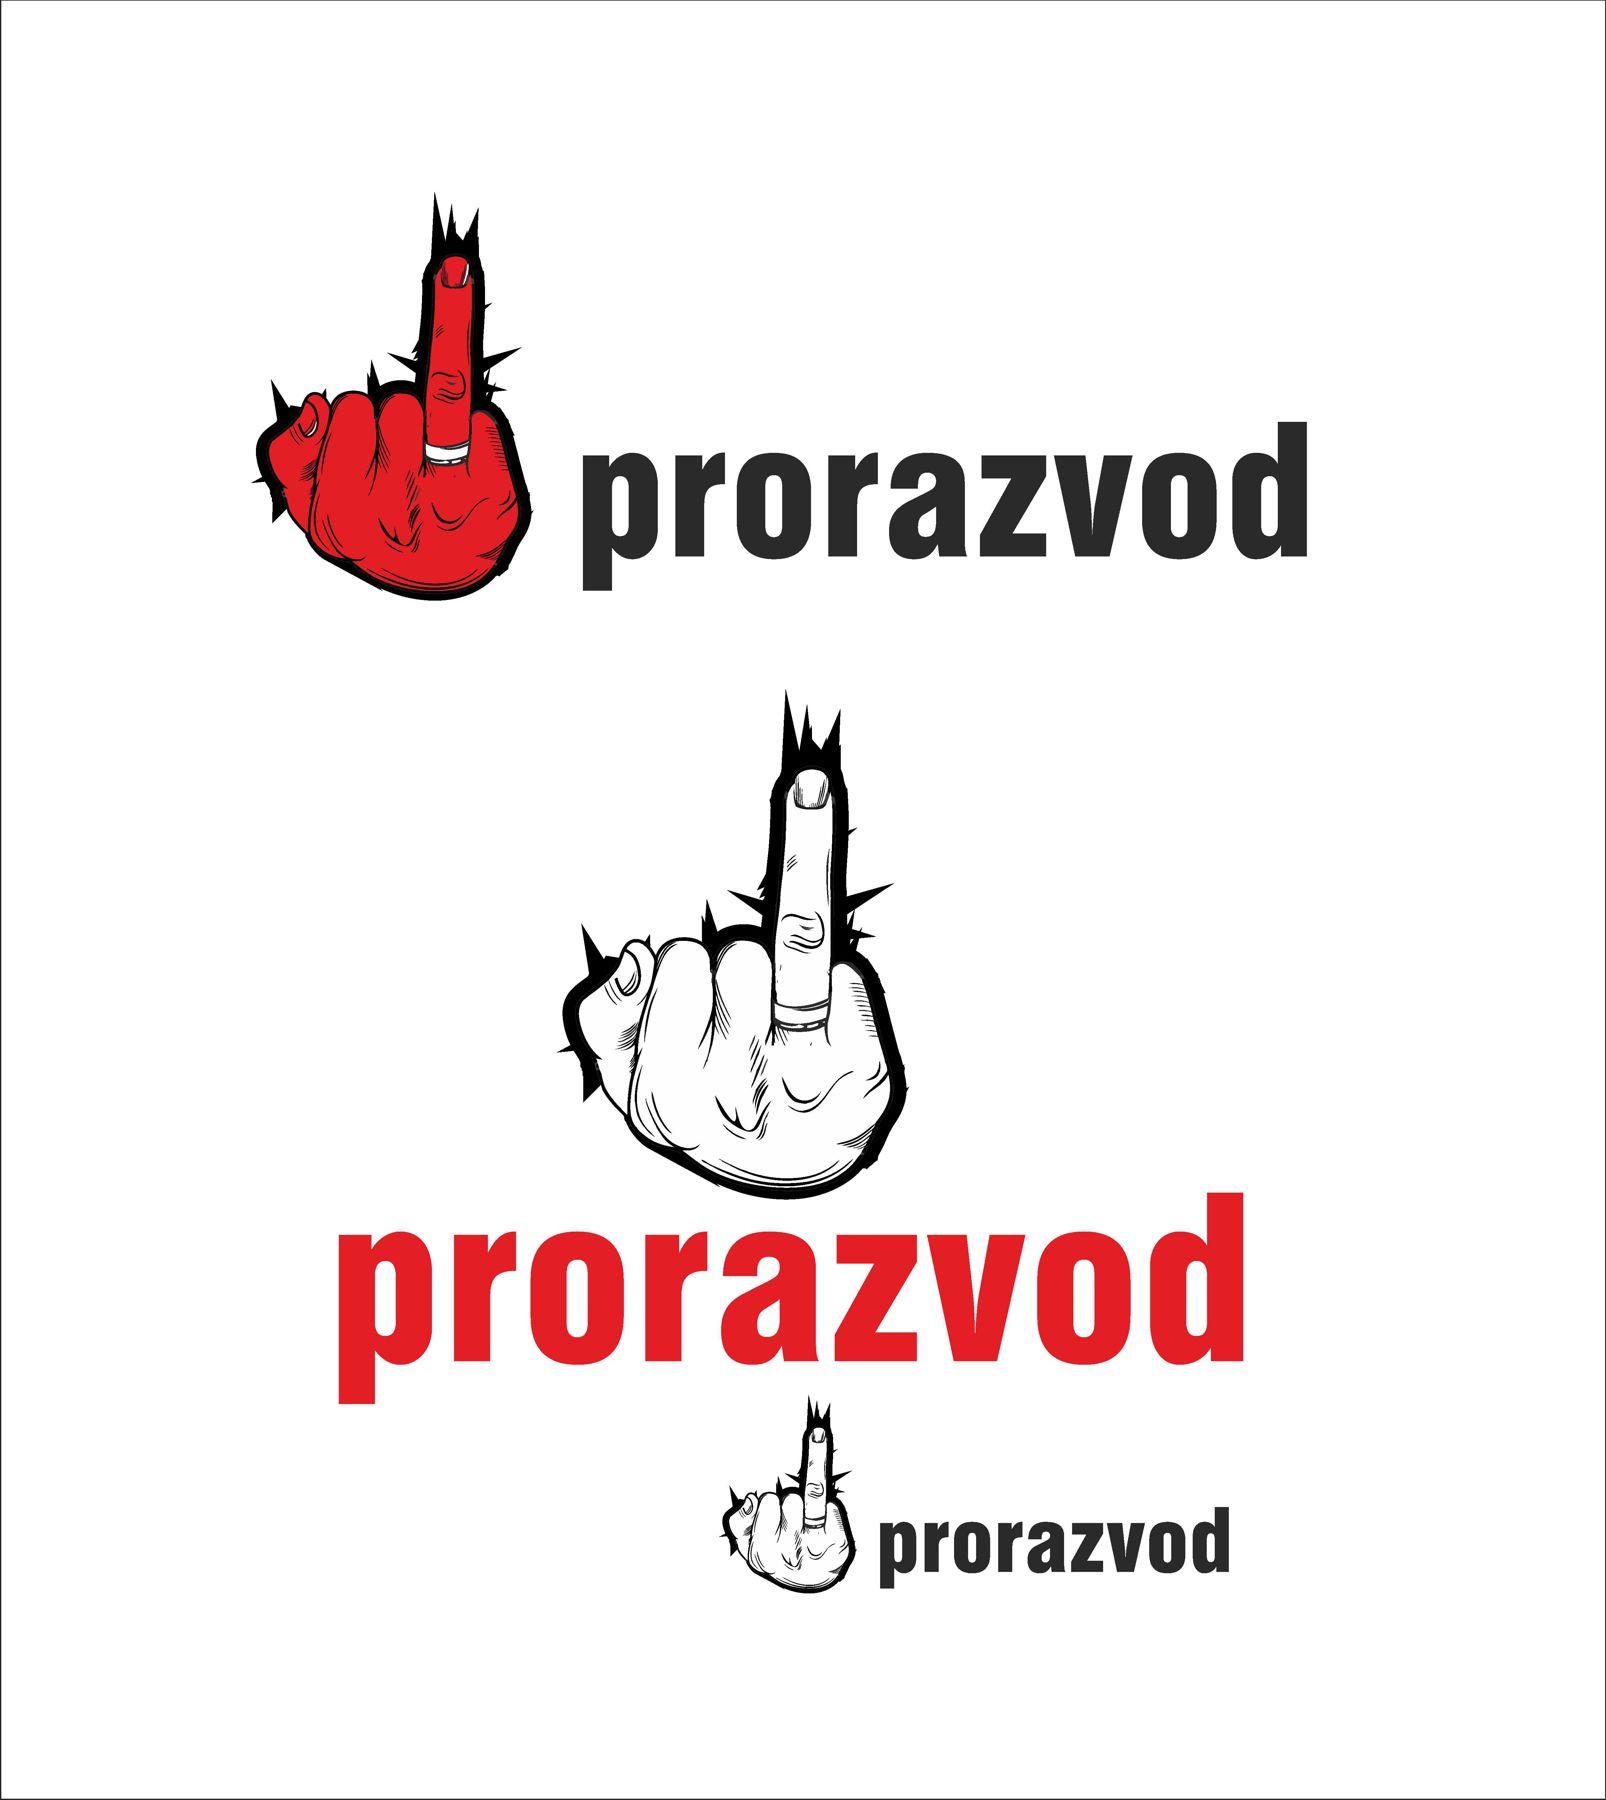 Логотип и фирм стиль для бракоразводного агенства. фото f_833587915516baf2.jpg